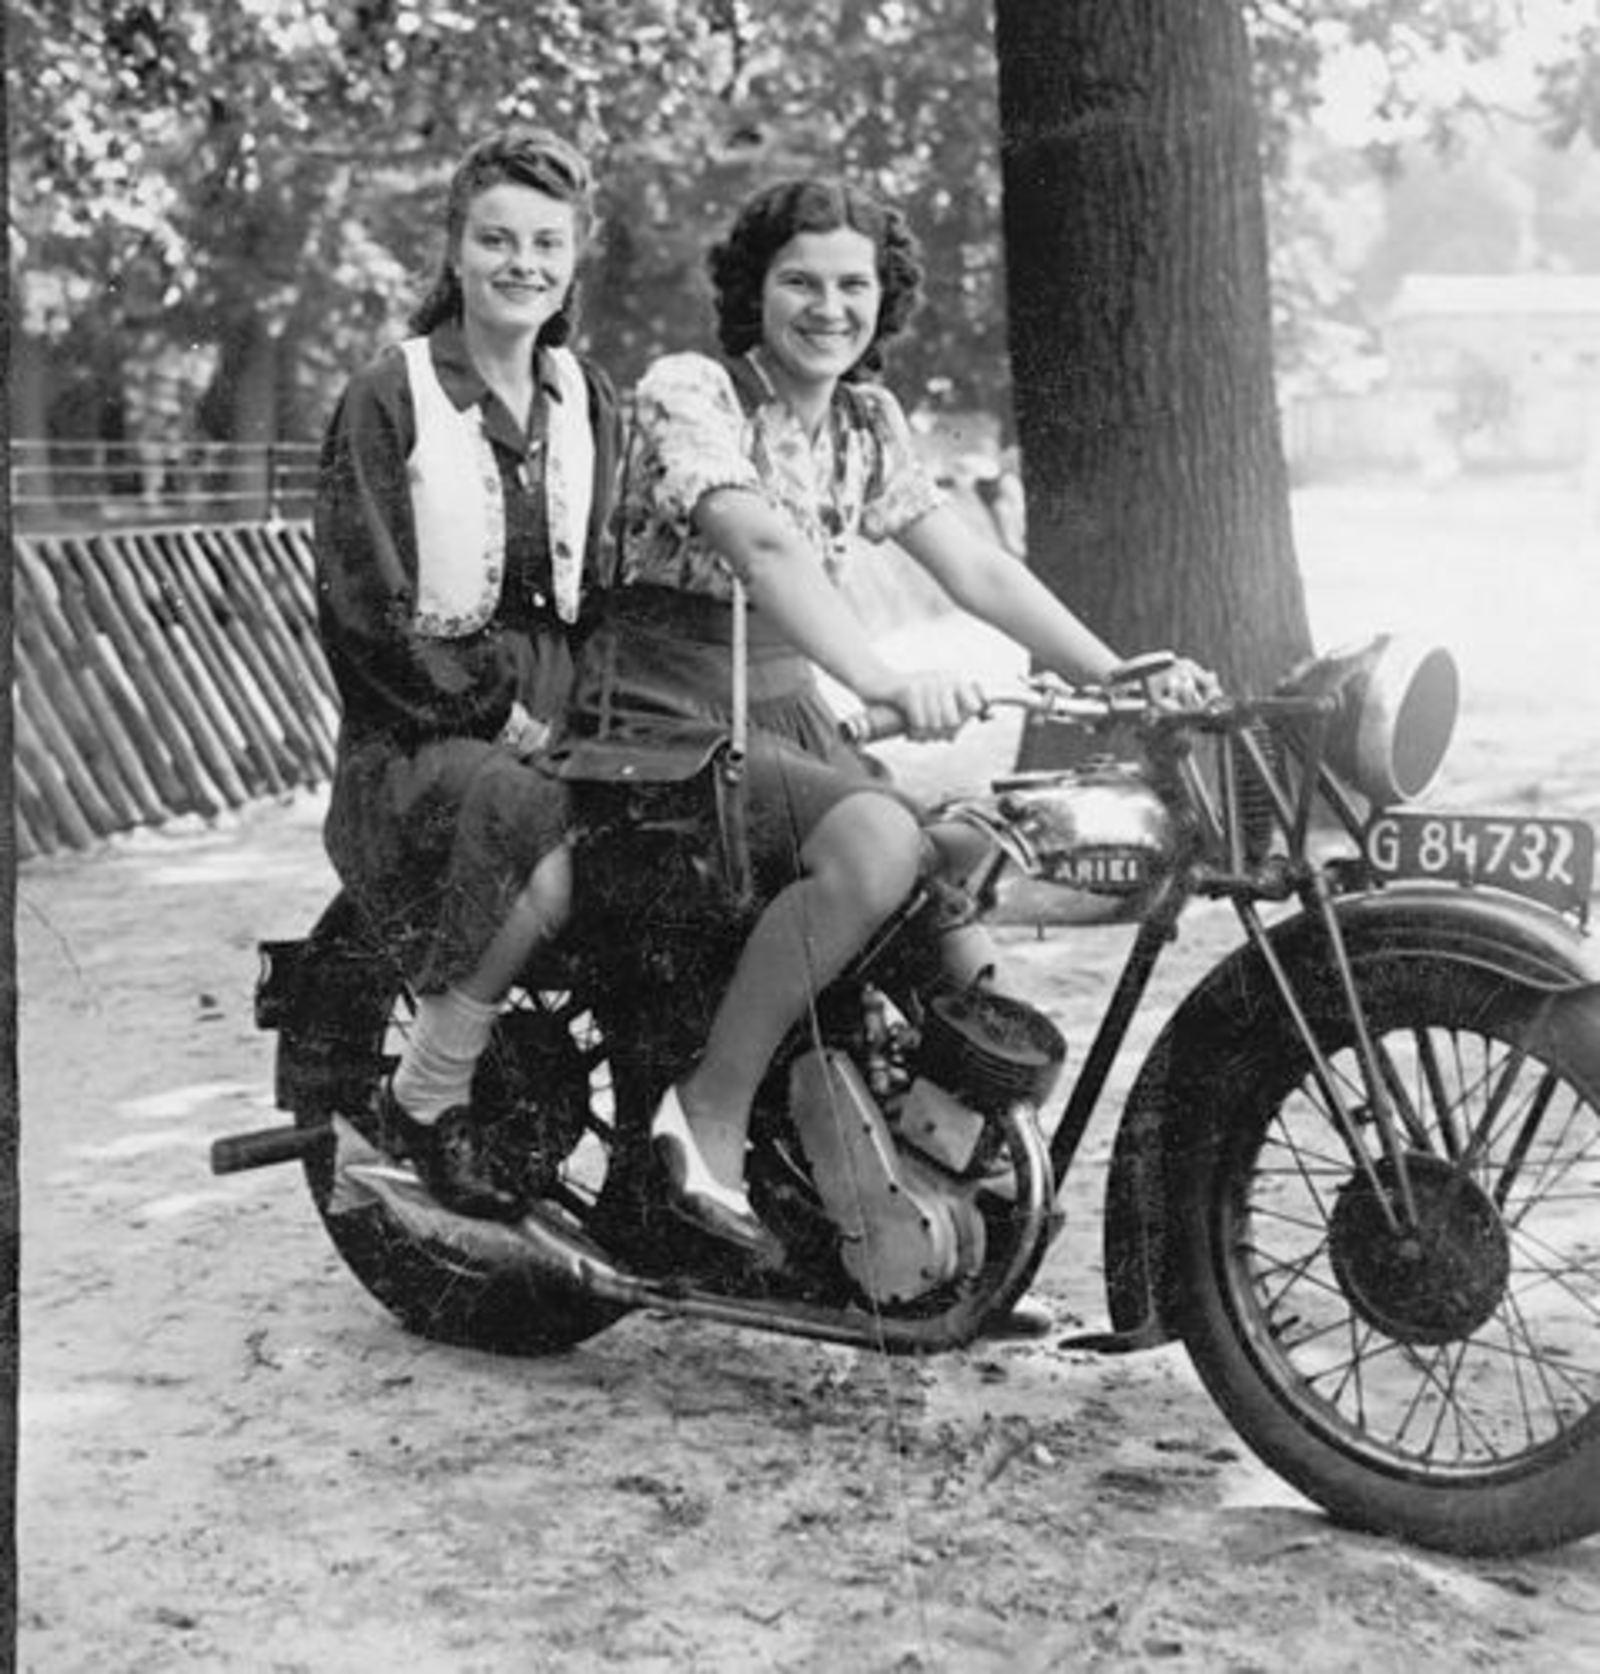 Bliek Jannie 1927 1947 met Nettie Onbekend op Motor in Haarlemmer Hout